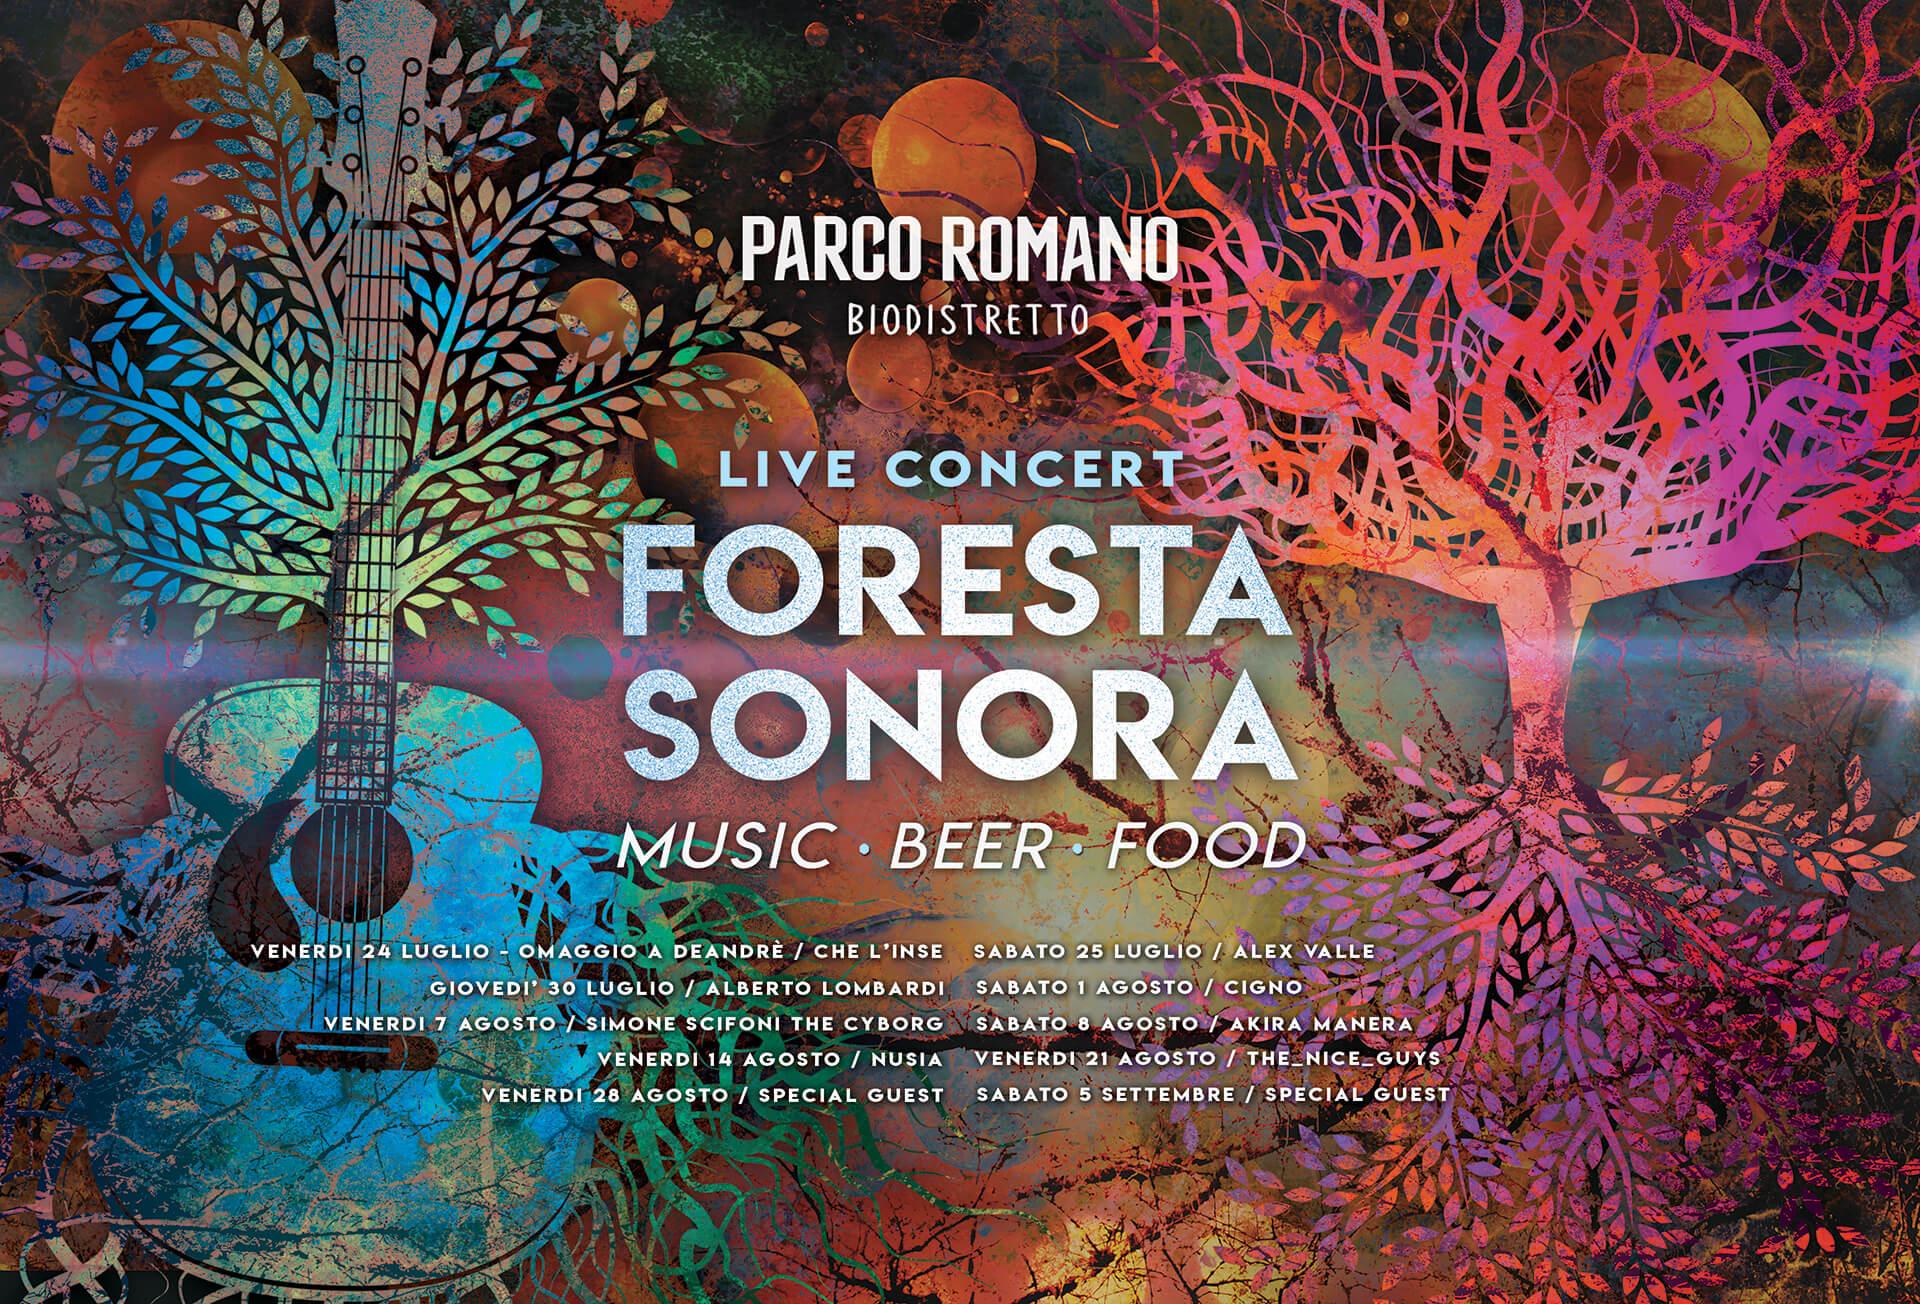 foresta sonora live concert aricccia